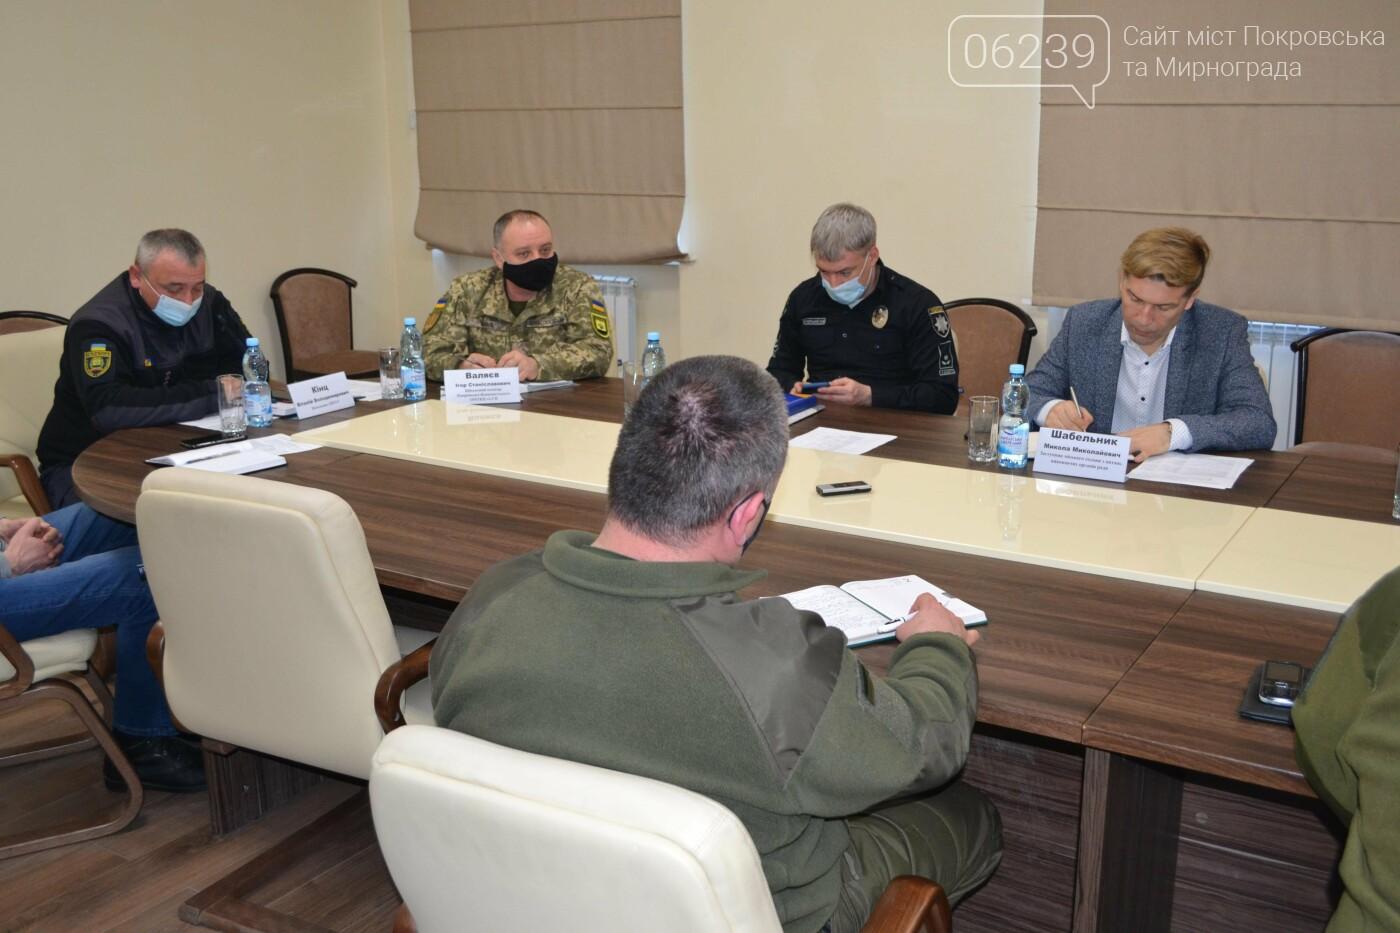 Микола Шабельник провів робочу нараду з представниками силових структур міста, фото-11